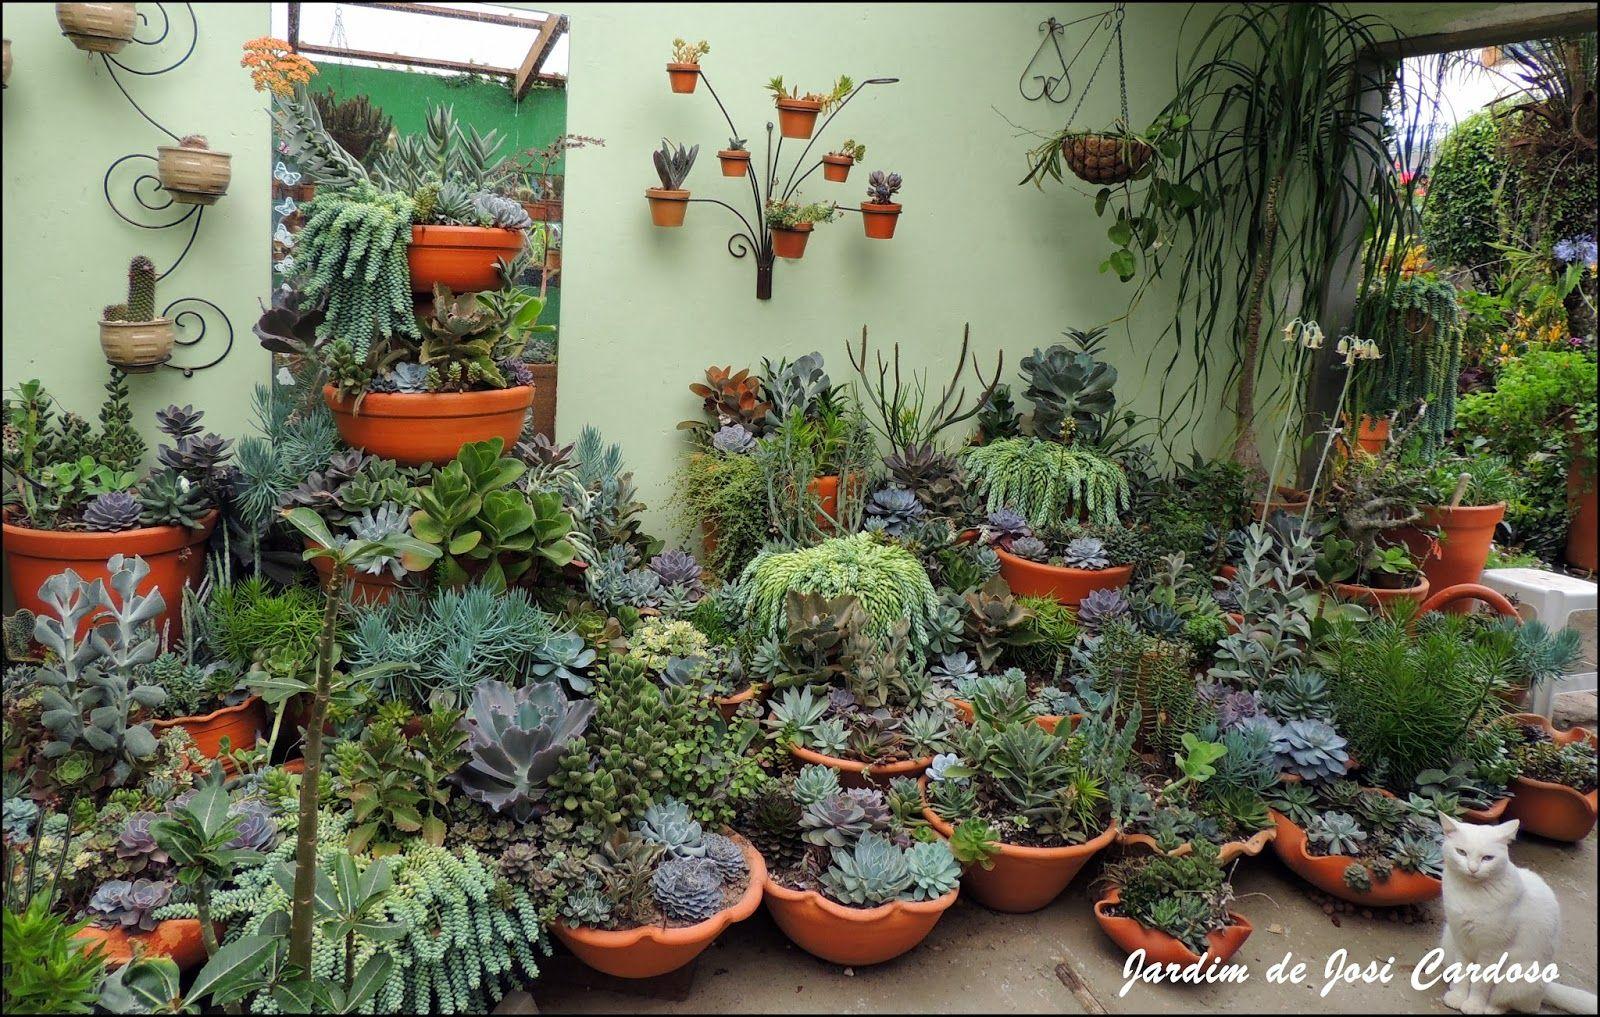 Jardim de cactus suculentas by josi cardoso cuidados com for Cactus cuidados exterior